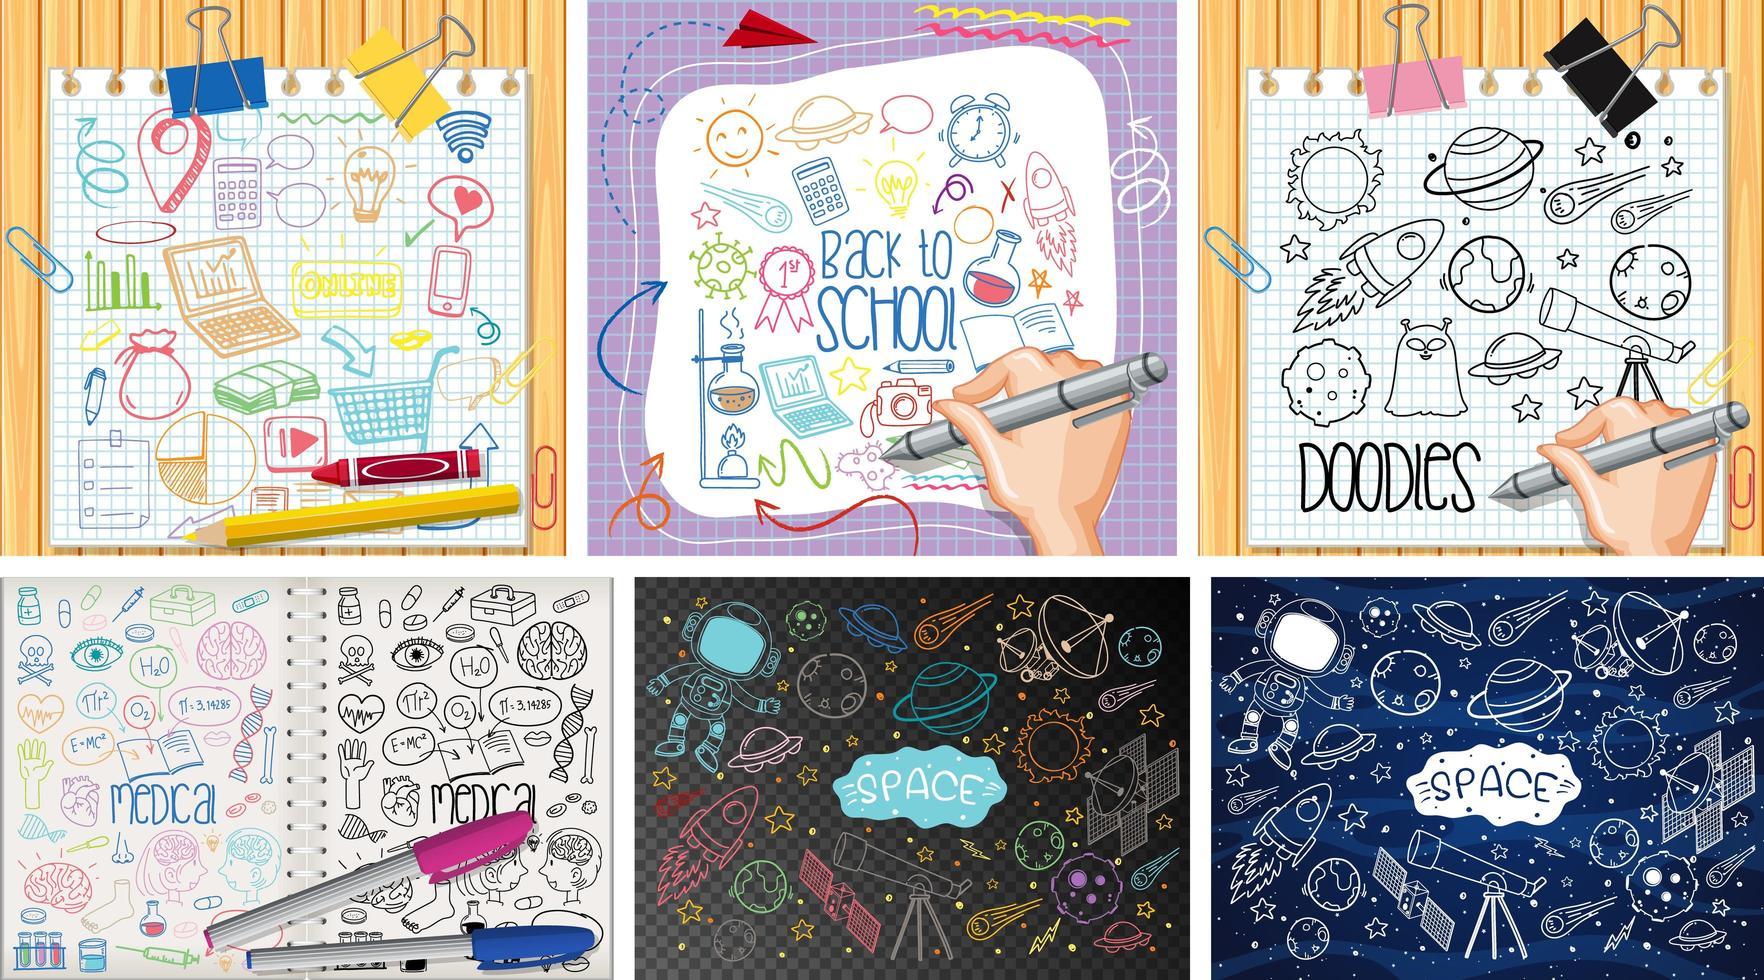 conjunto de objeto colorido e símbolo desenhado à mão vetor